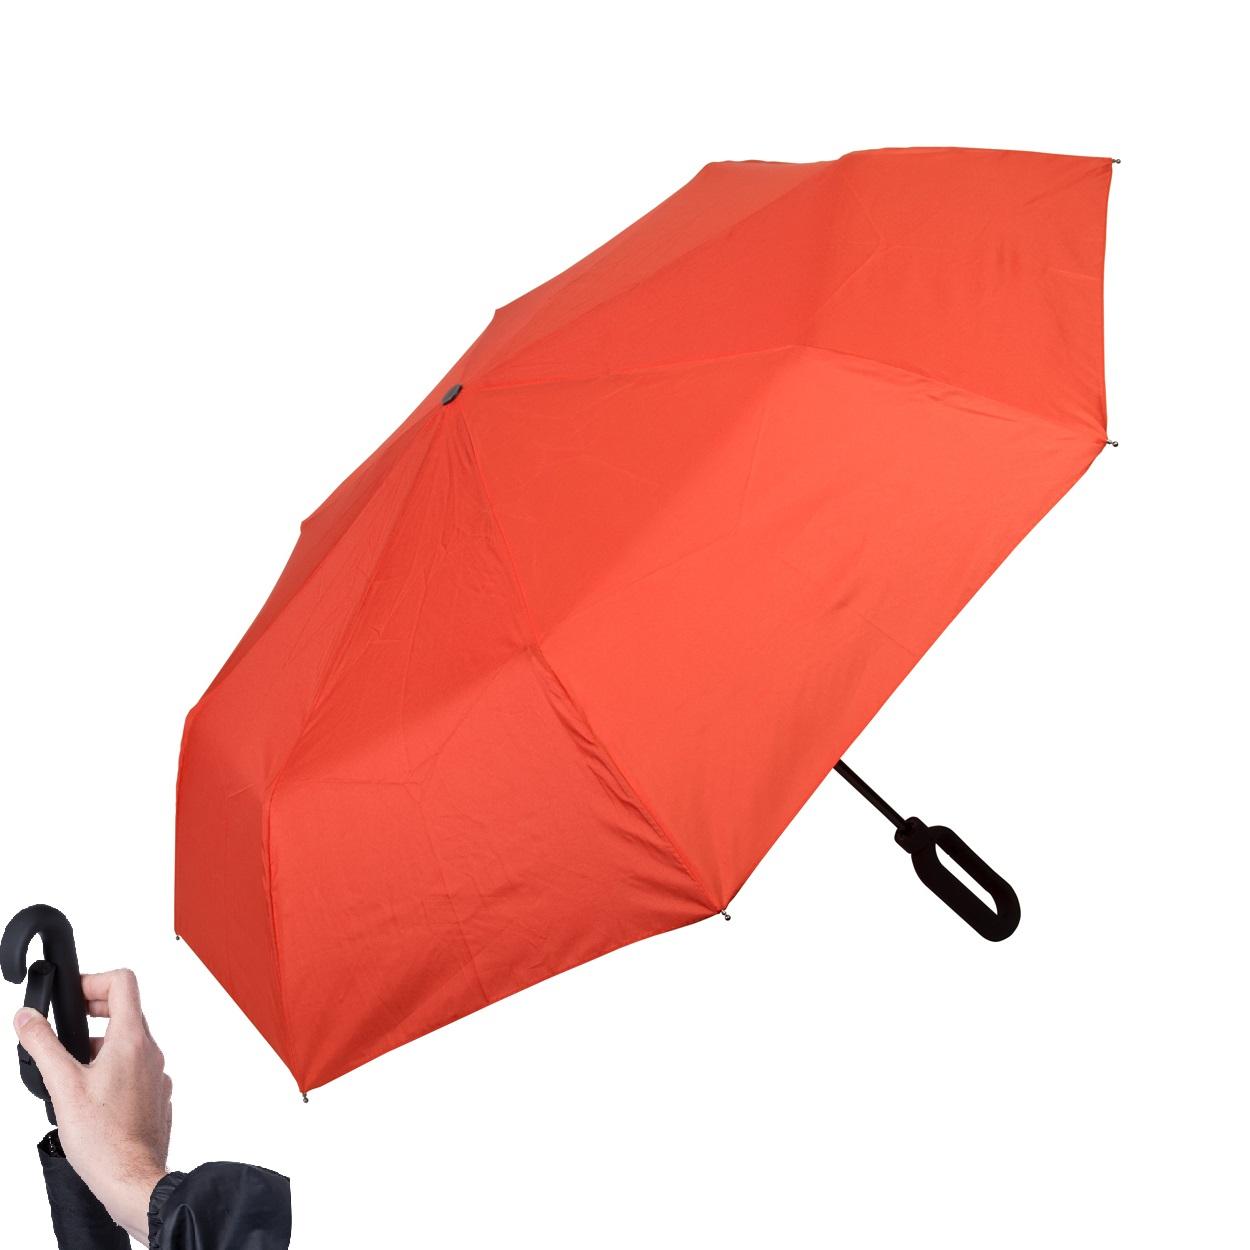 Afbeelding van 25 st. Bedrukte paraplu Automatisch Rond handvat Ø 96 cm bedrukken bedrukken In 10 werkdagen